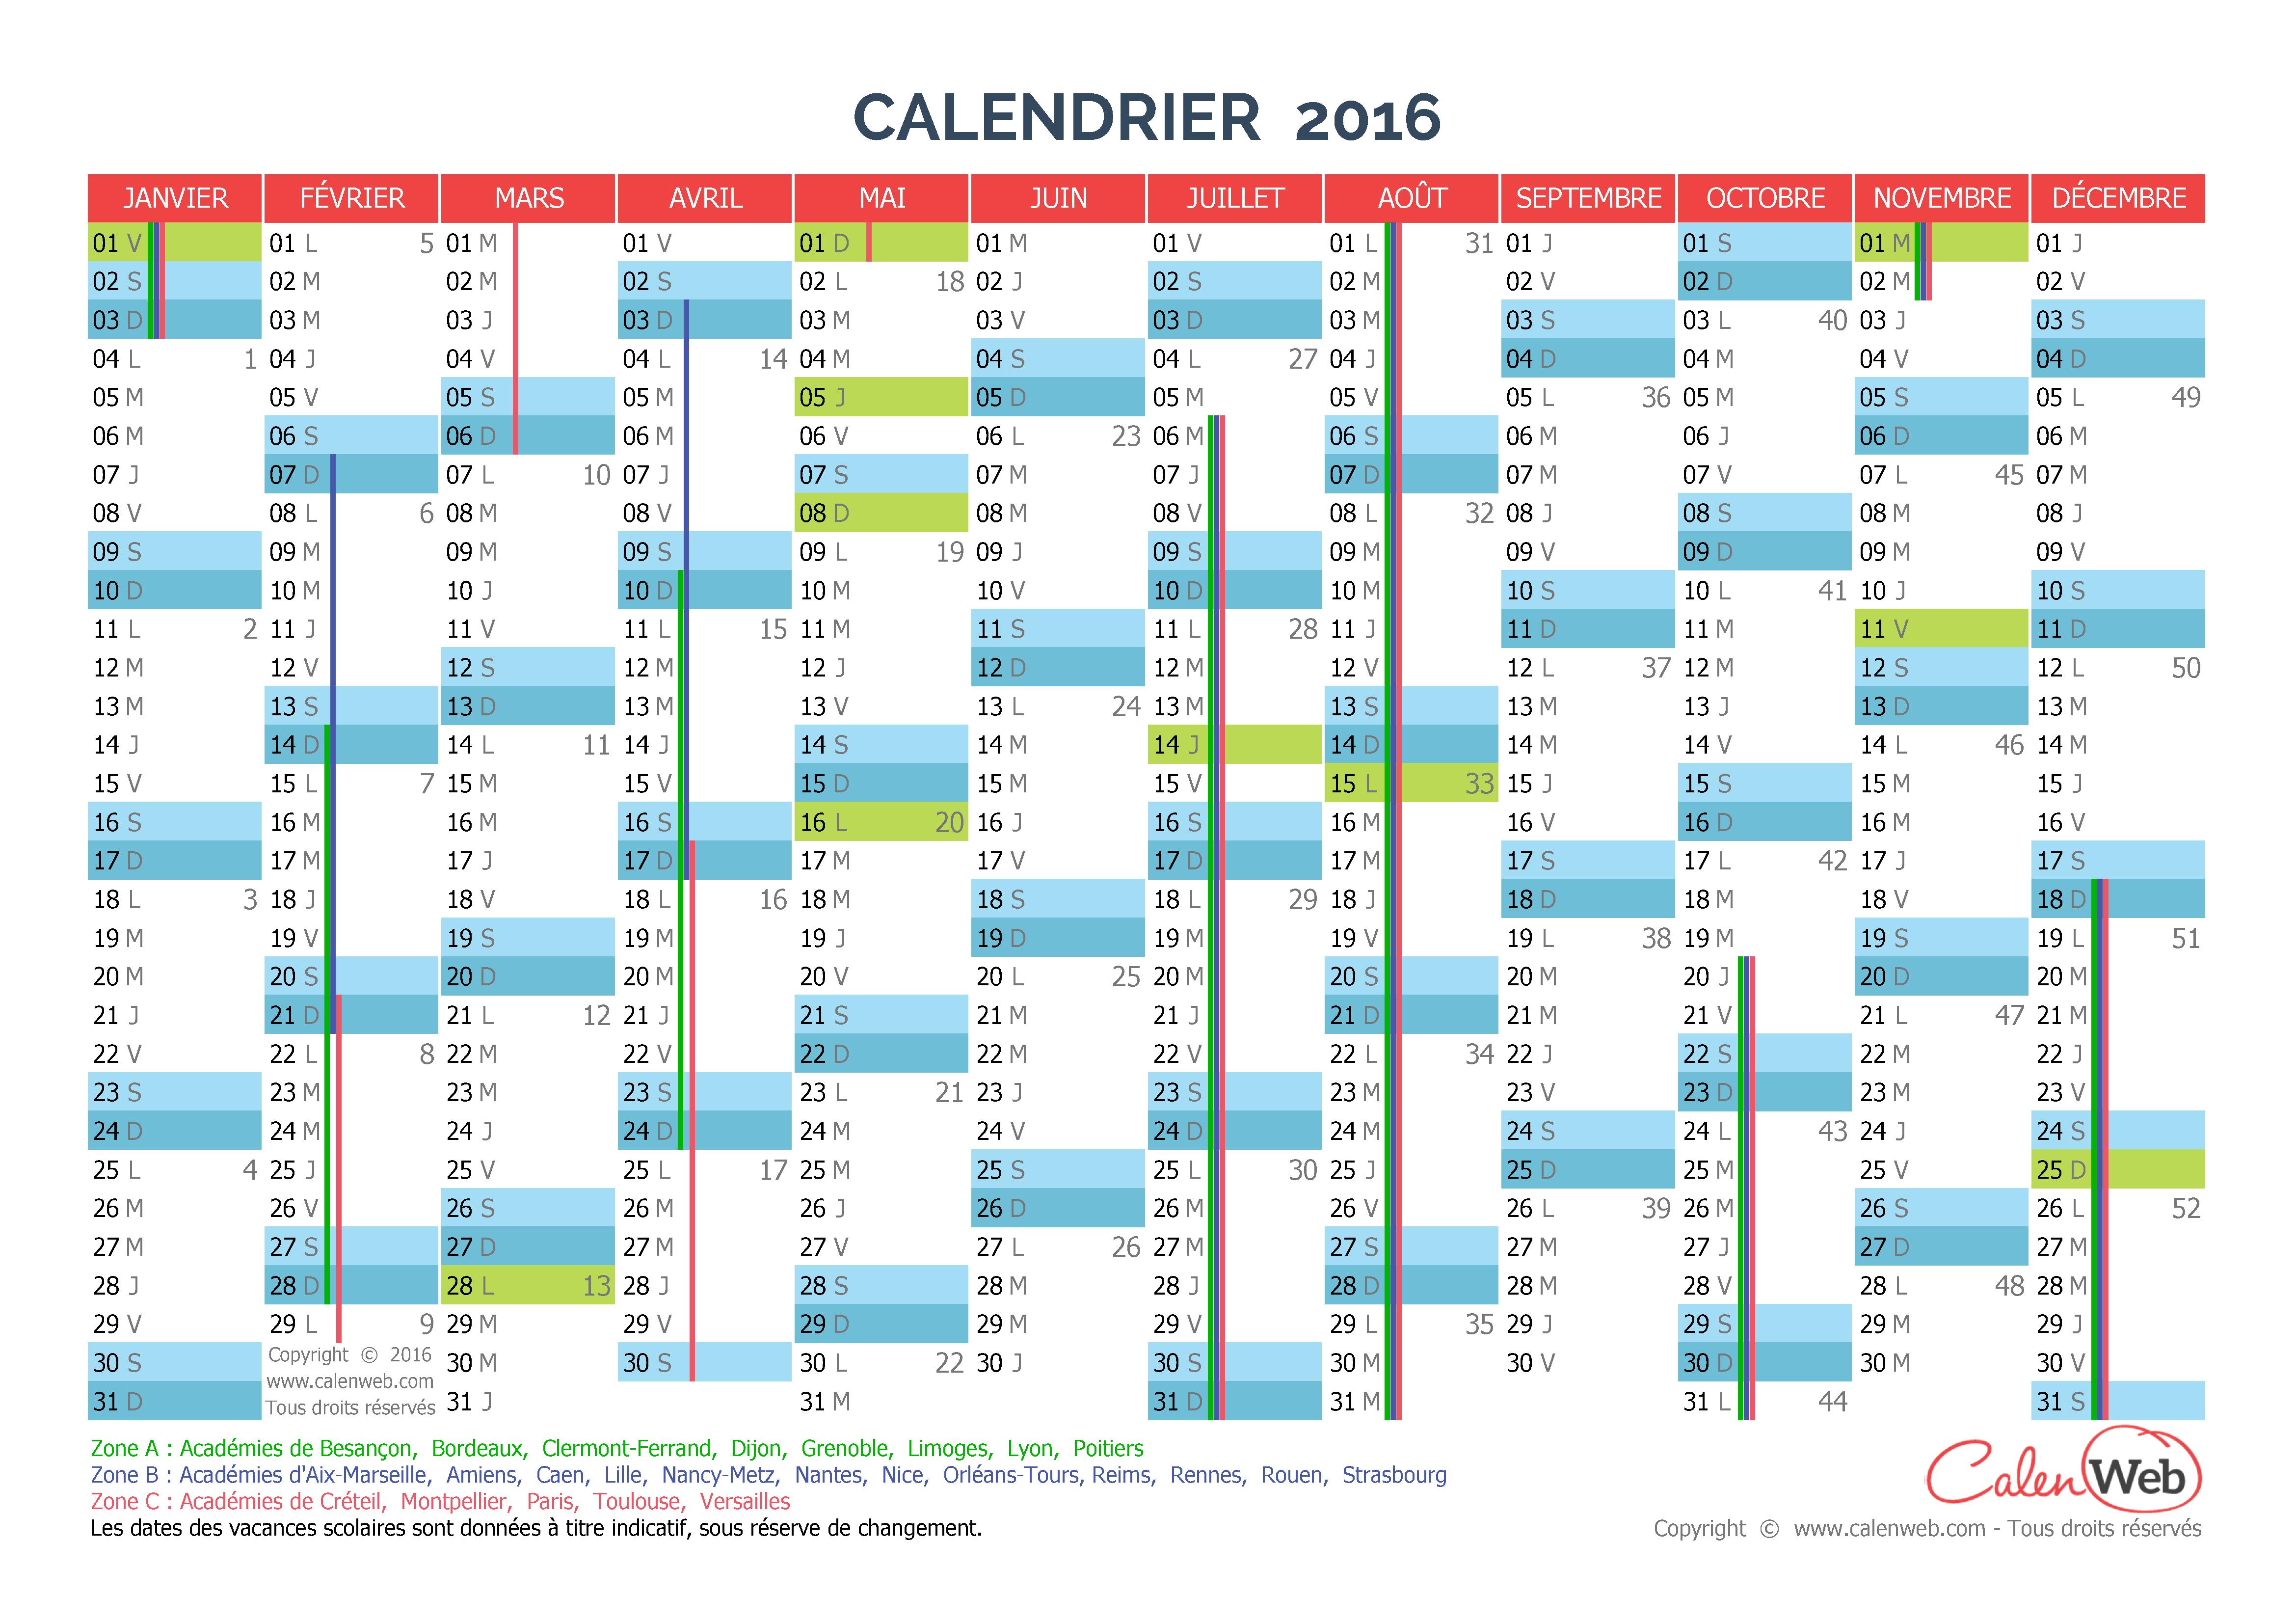 calendrier annuel ann e 2016 avec jours f ri s et vacances scolaires. Black Bedroom Furniture Sets. Home Design Ideas